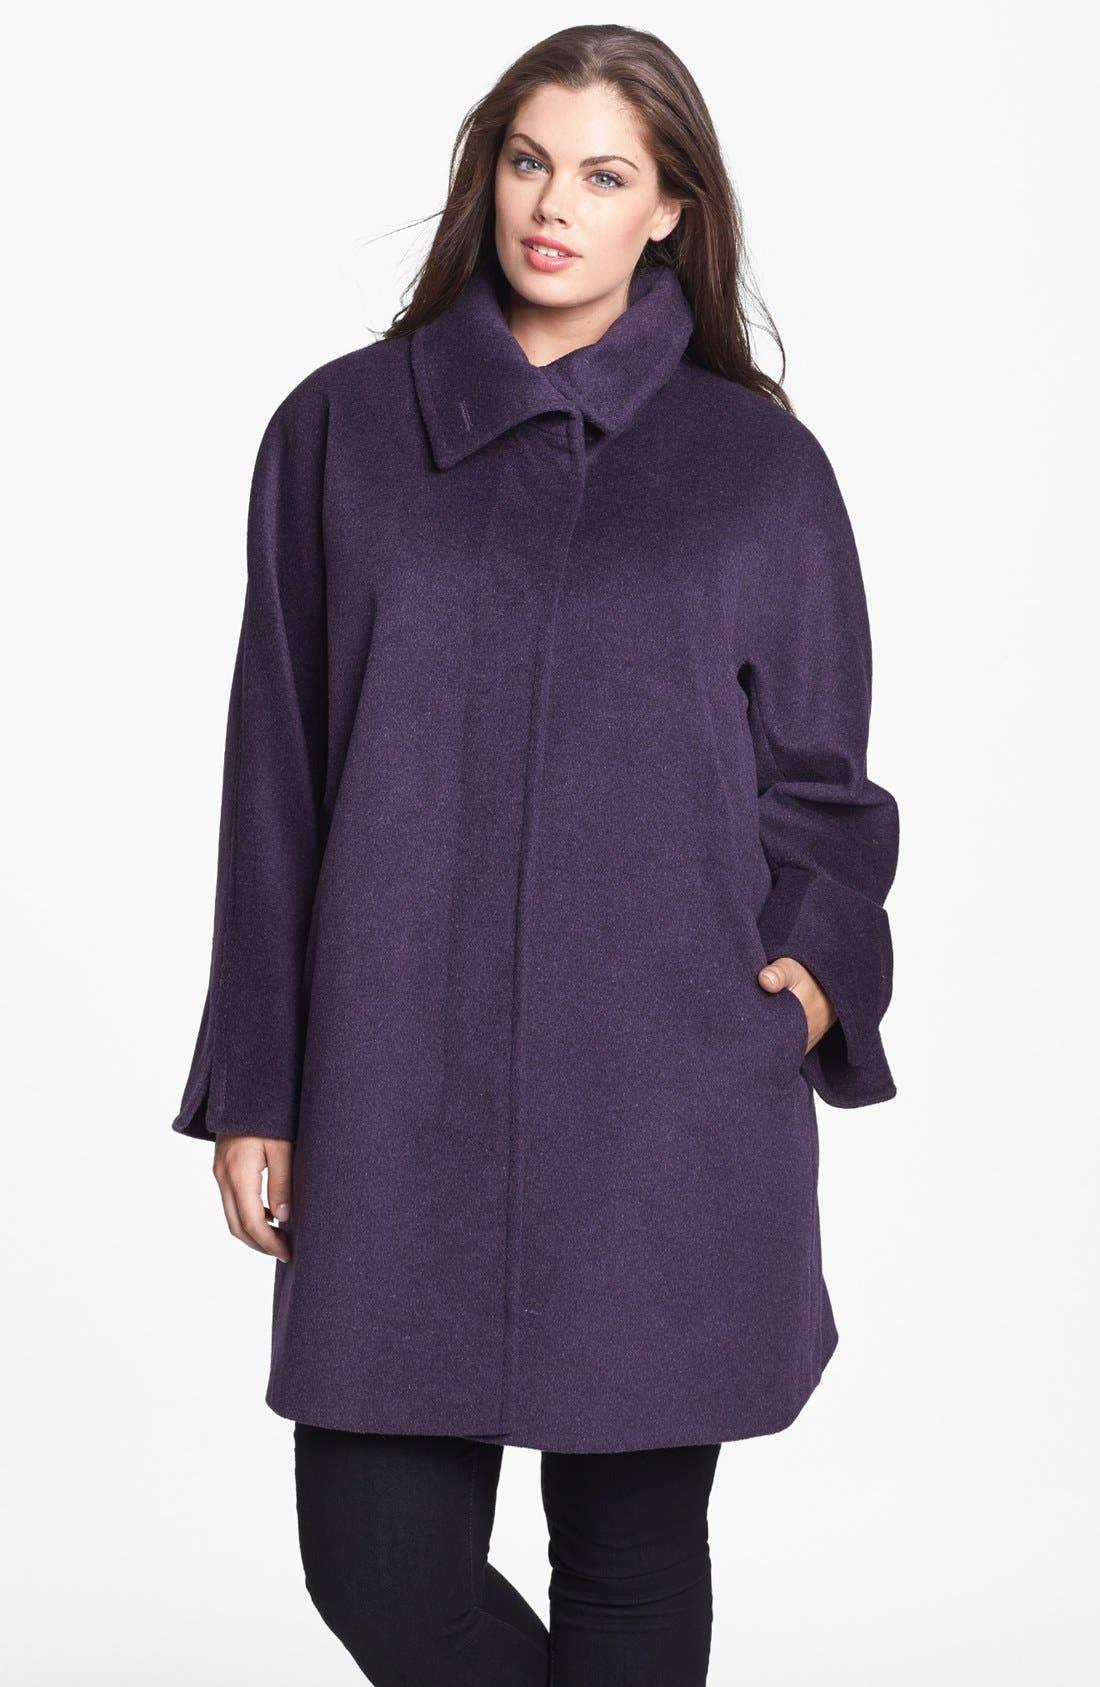 Main Image - Ellen Tracy Dolman Sleeve Topper (Plus Size)